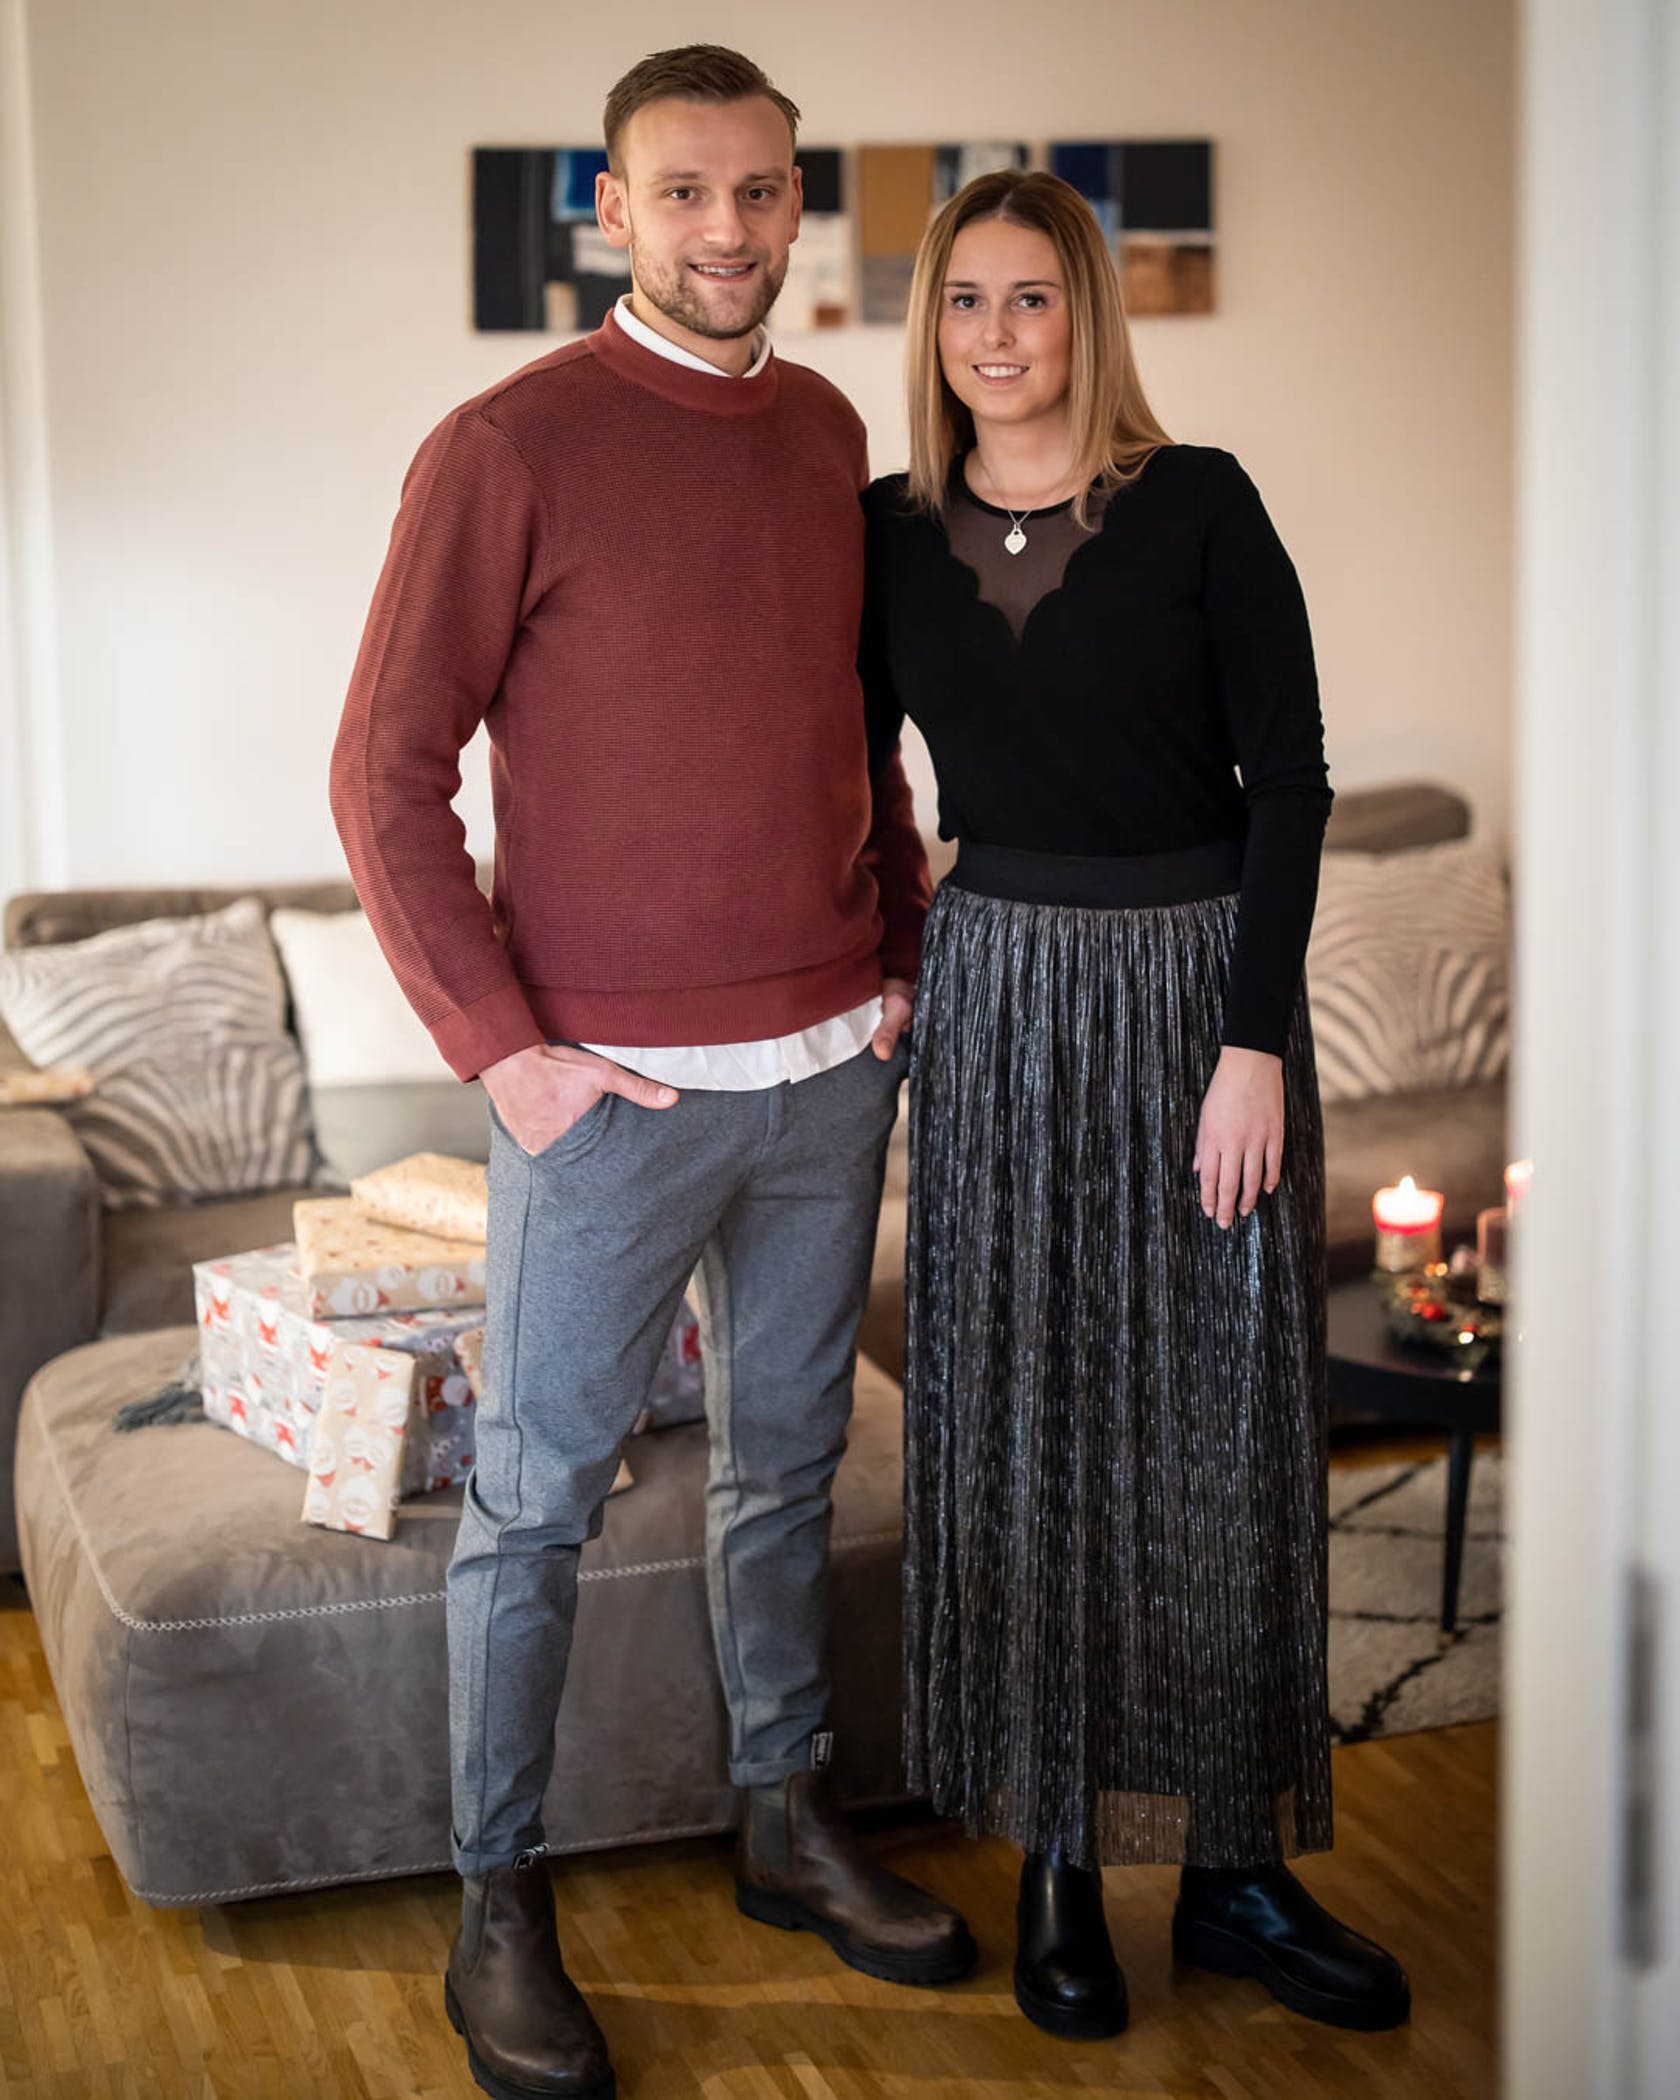 VFL Handballspieler Thee Glabisch und seine Freundin in einem modischen Outfit zuhause